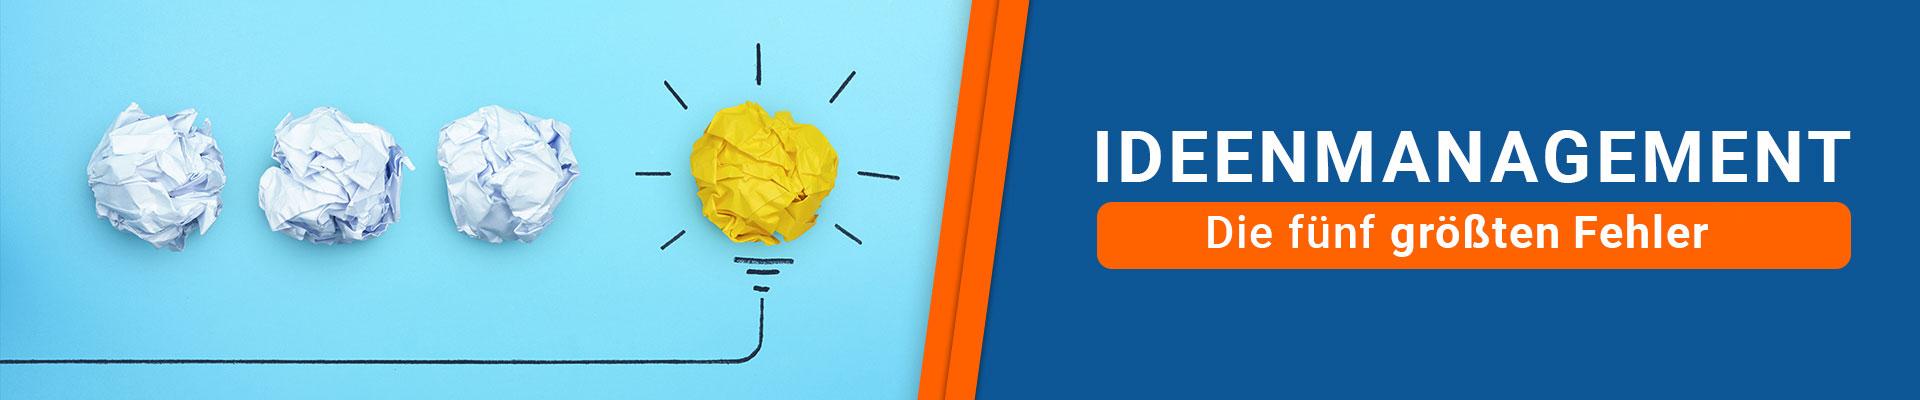 fehler-ideenmanagement-header_